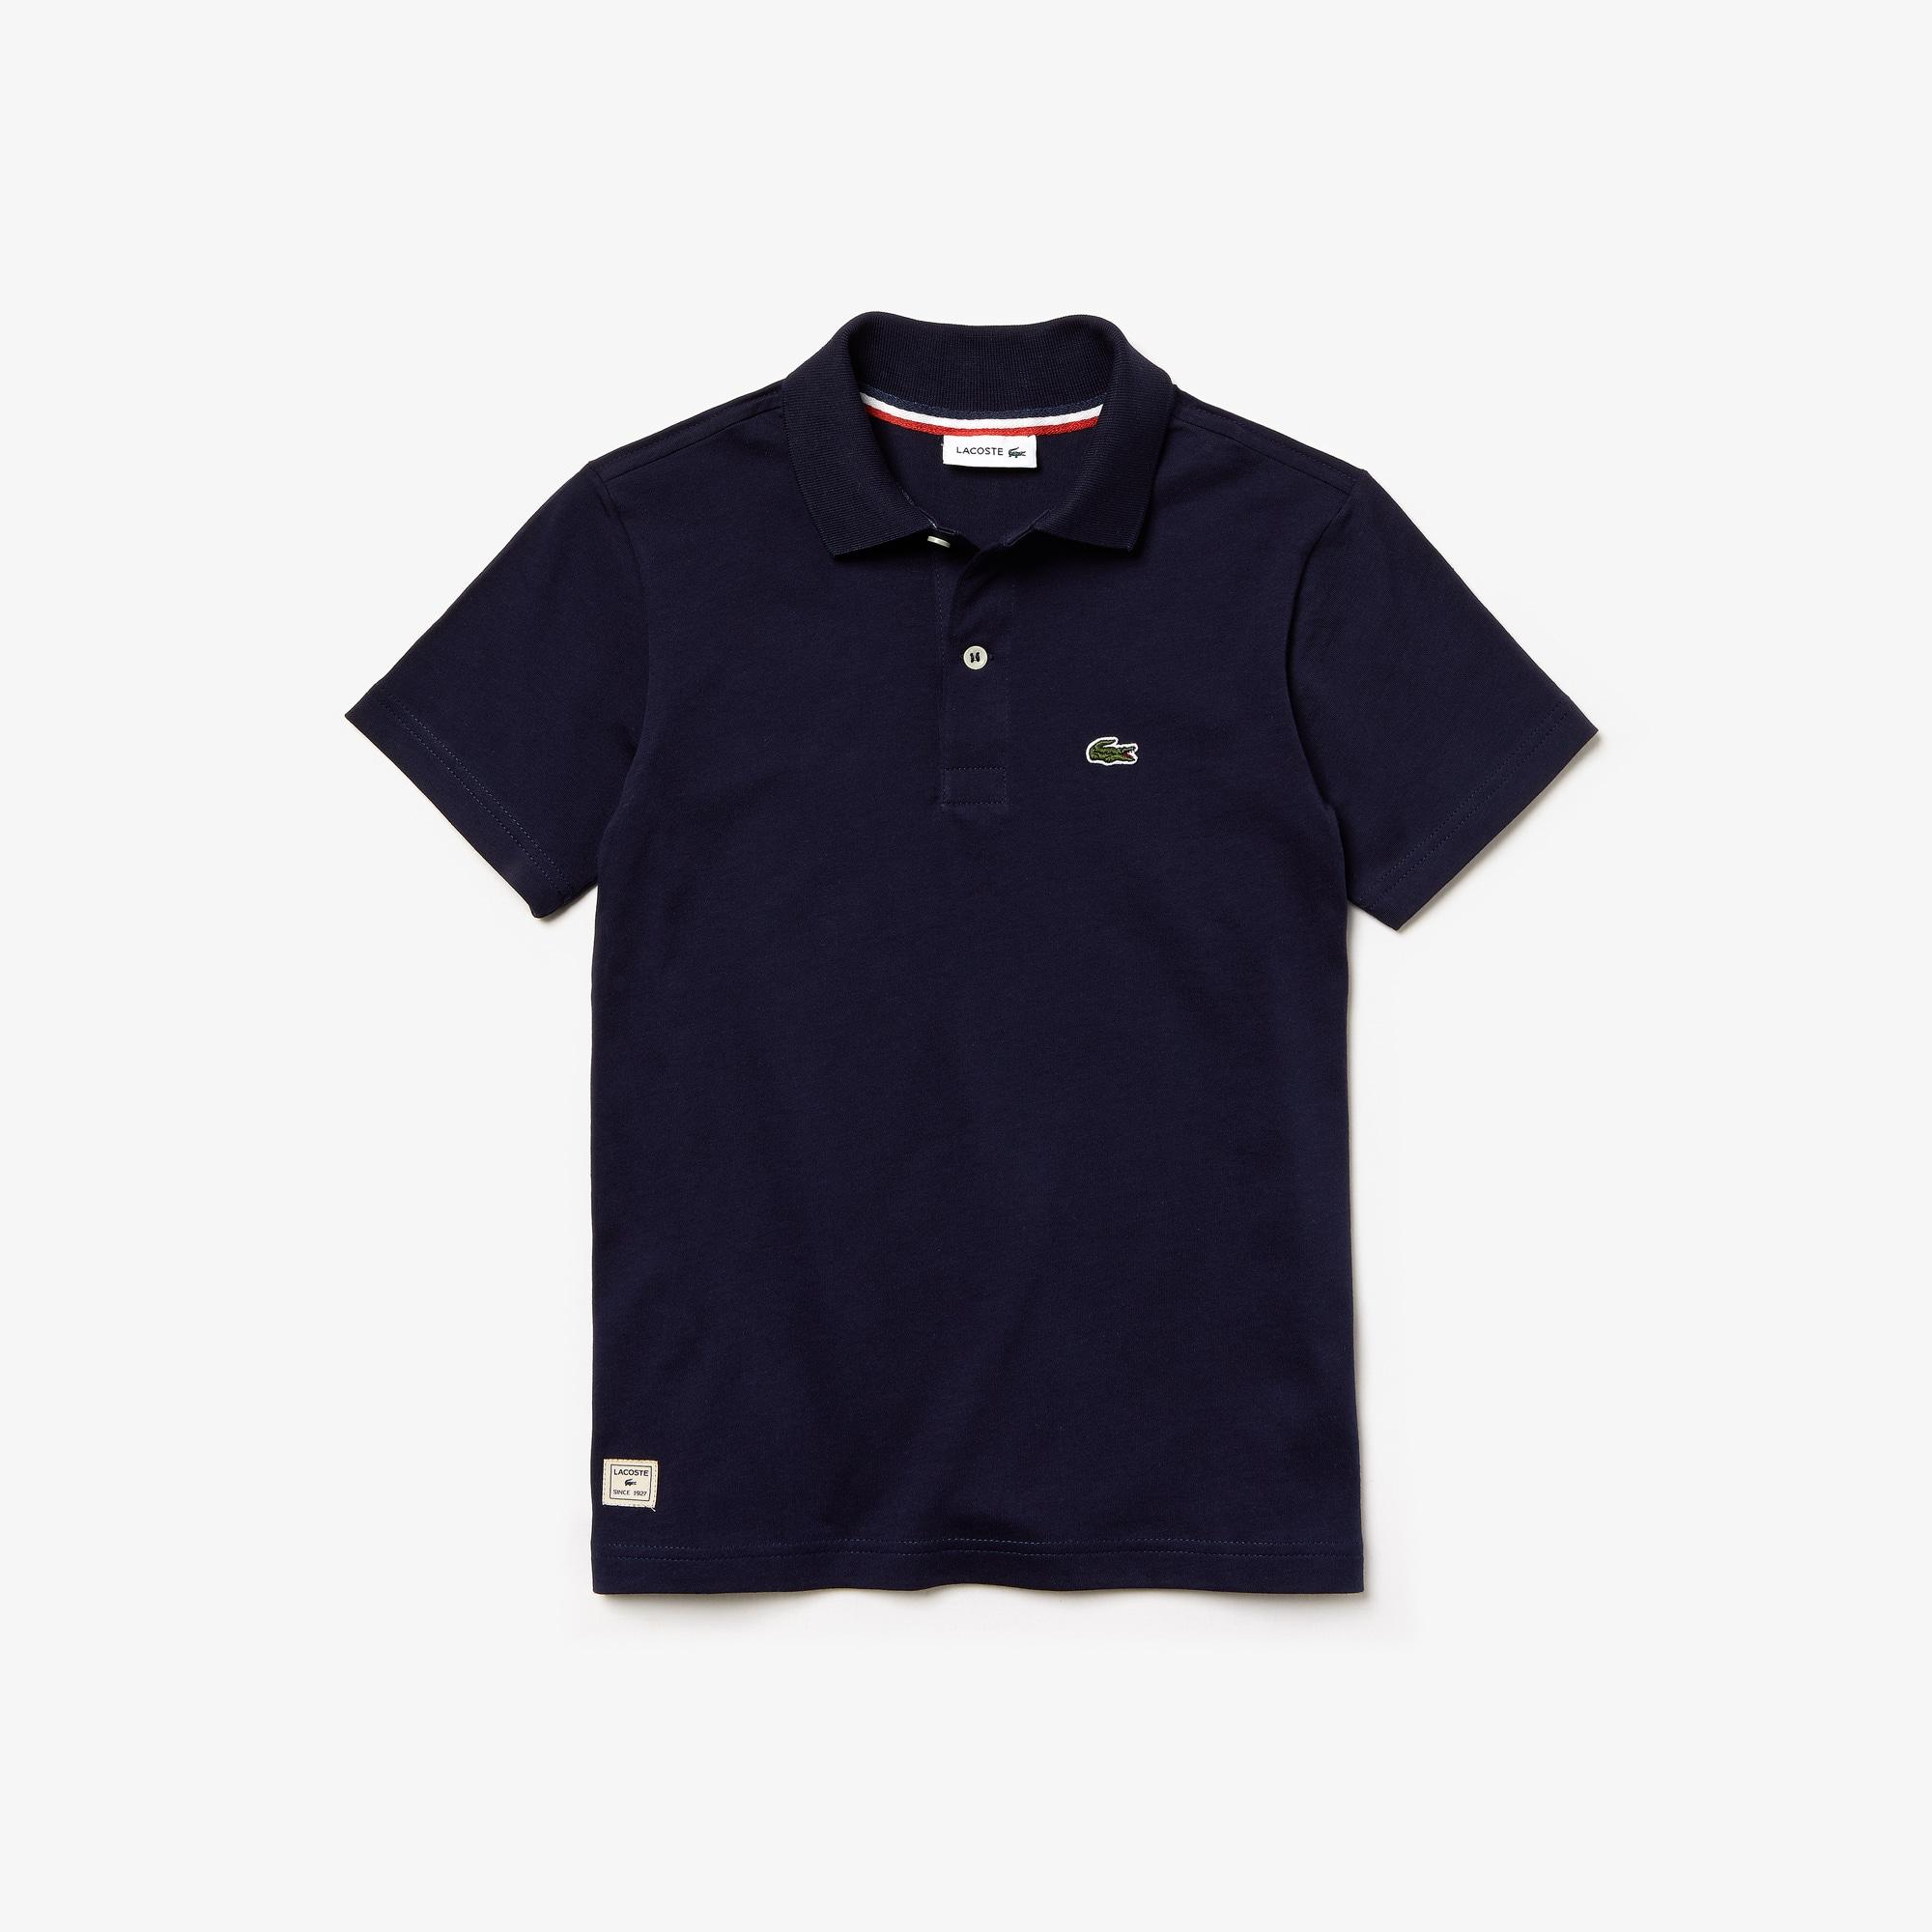 Camisa Polo Lacoste Infantil Masculina em Jérsei de Algodão 443cba62fc